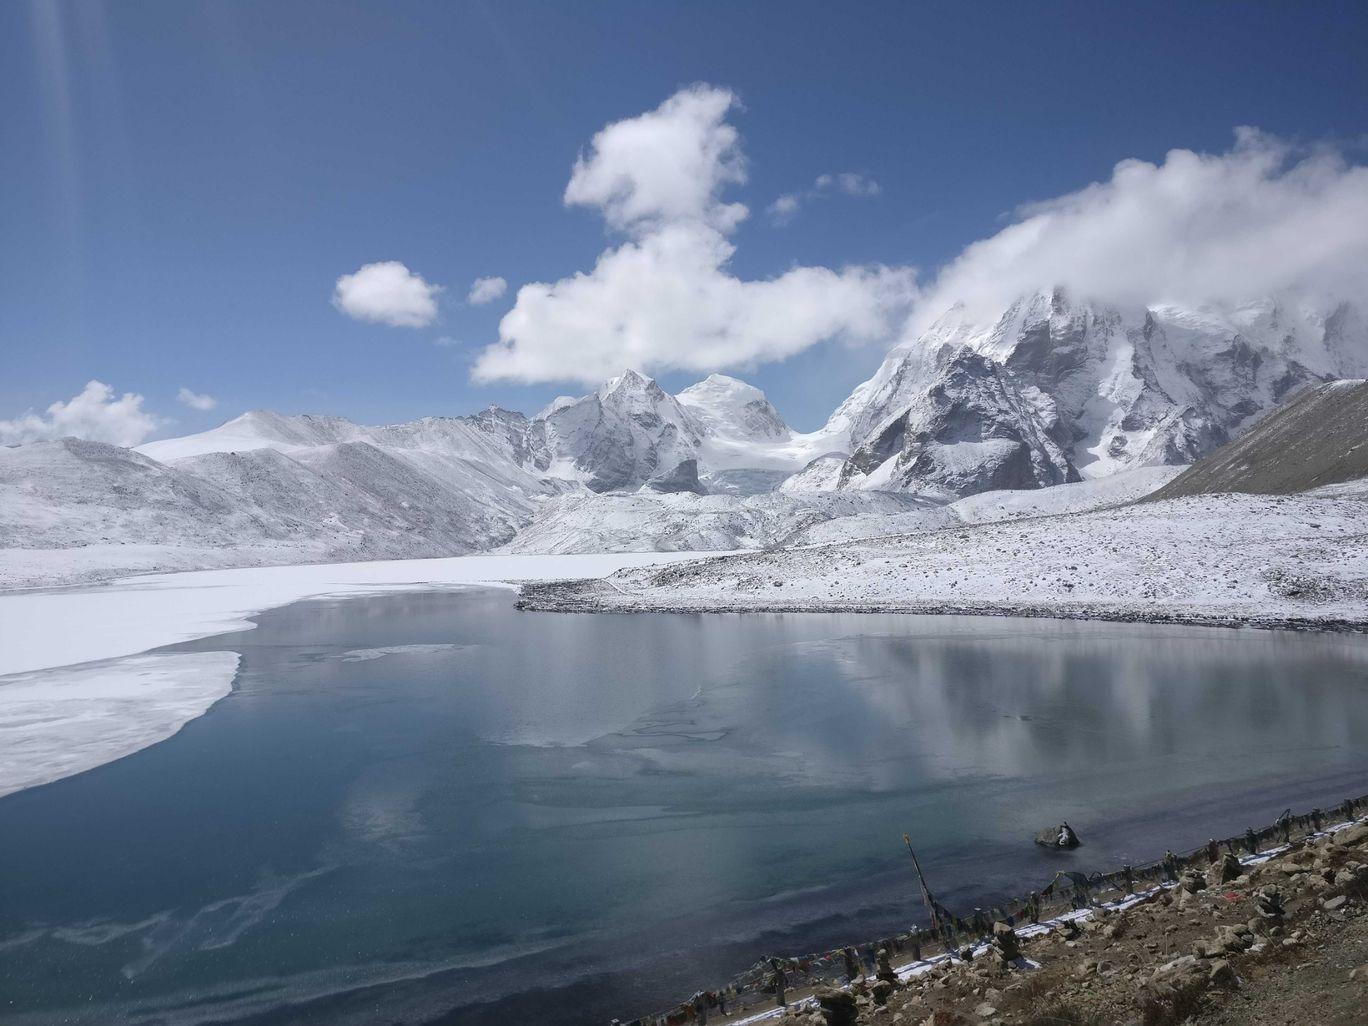 Photo of Sikkim By Hari Chandu Vakacharla